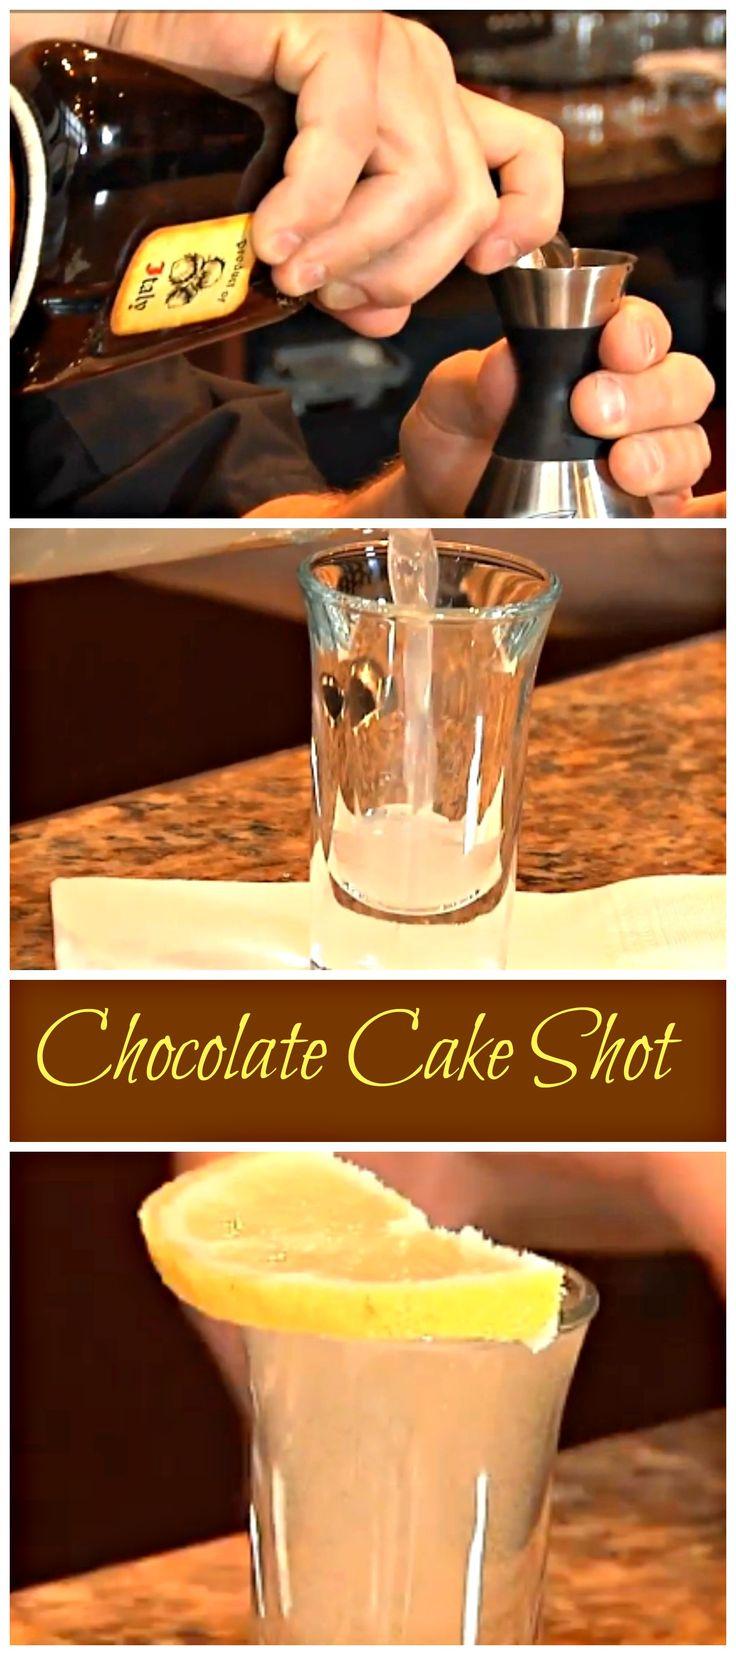 38 best SHOTS SHOTS SHOTS SHOTS SHOTS SHOTS! images on Pinterest ...